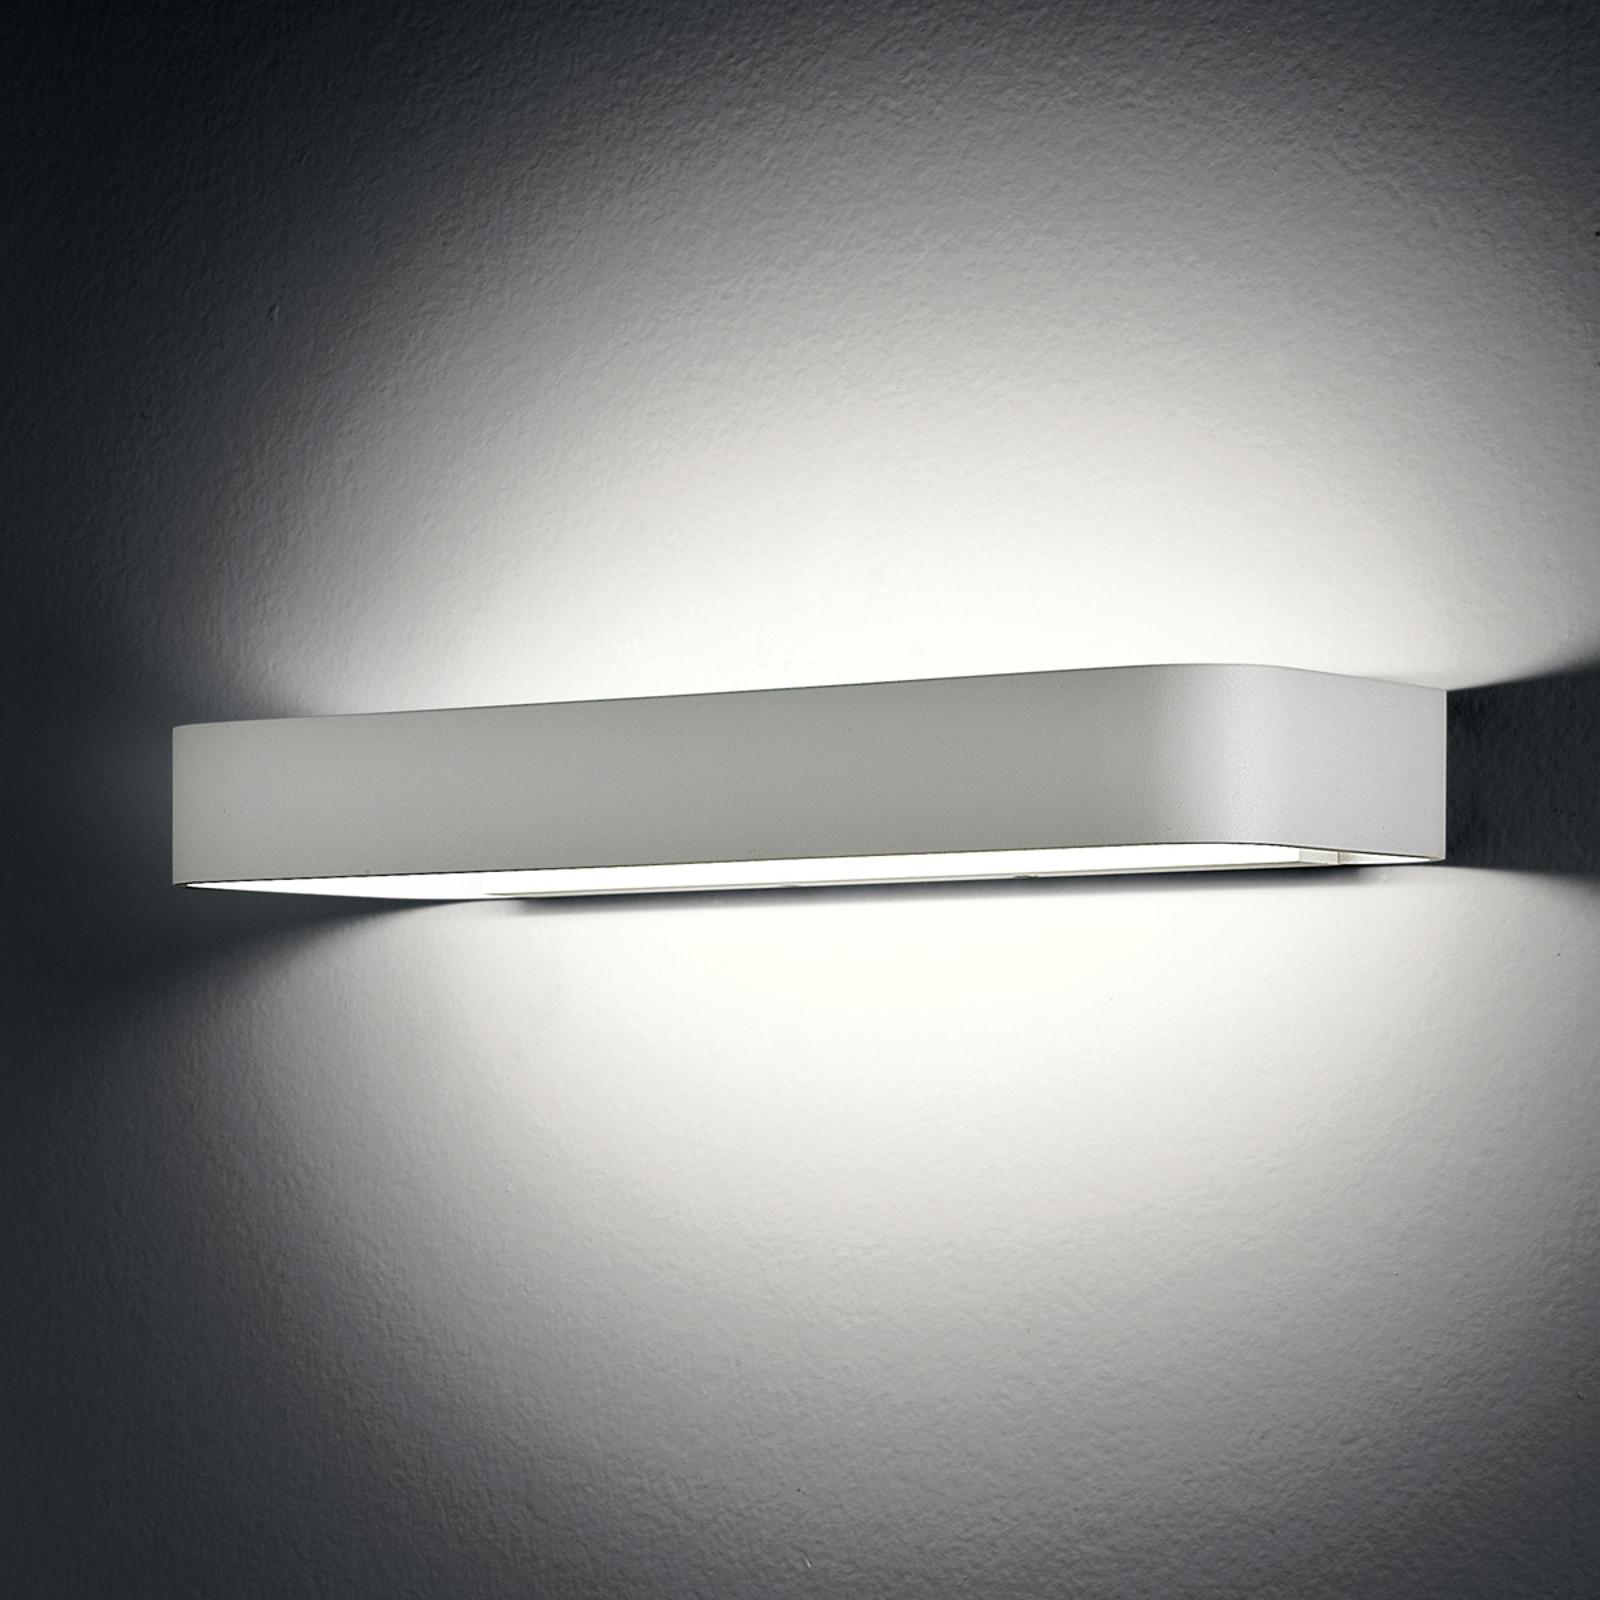 Nástenné LED svietidlo Henry, 8,1 W vrátane budiča_3023049_1